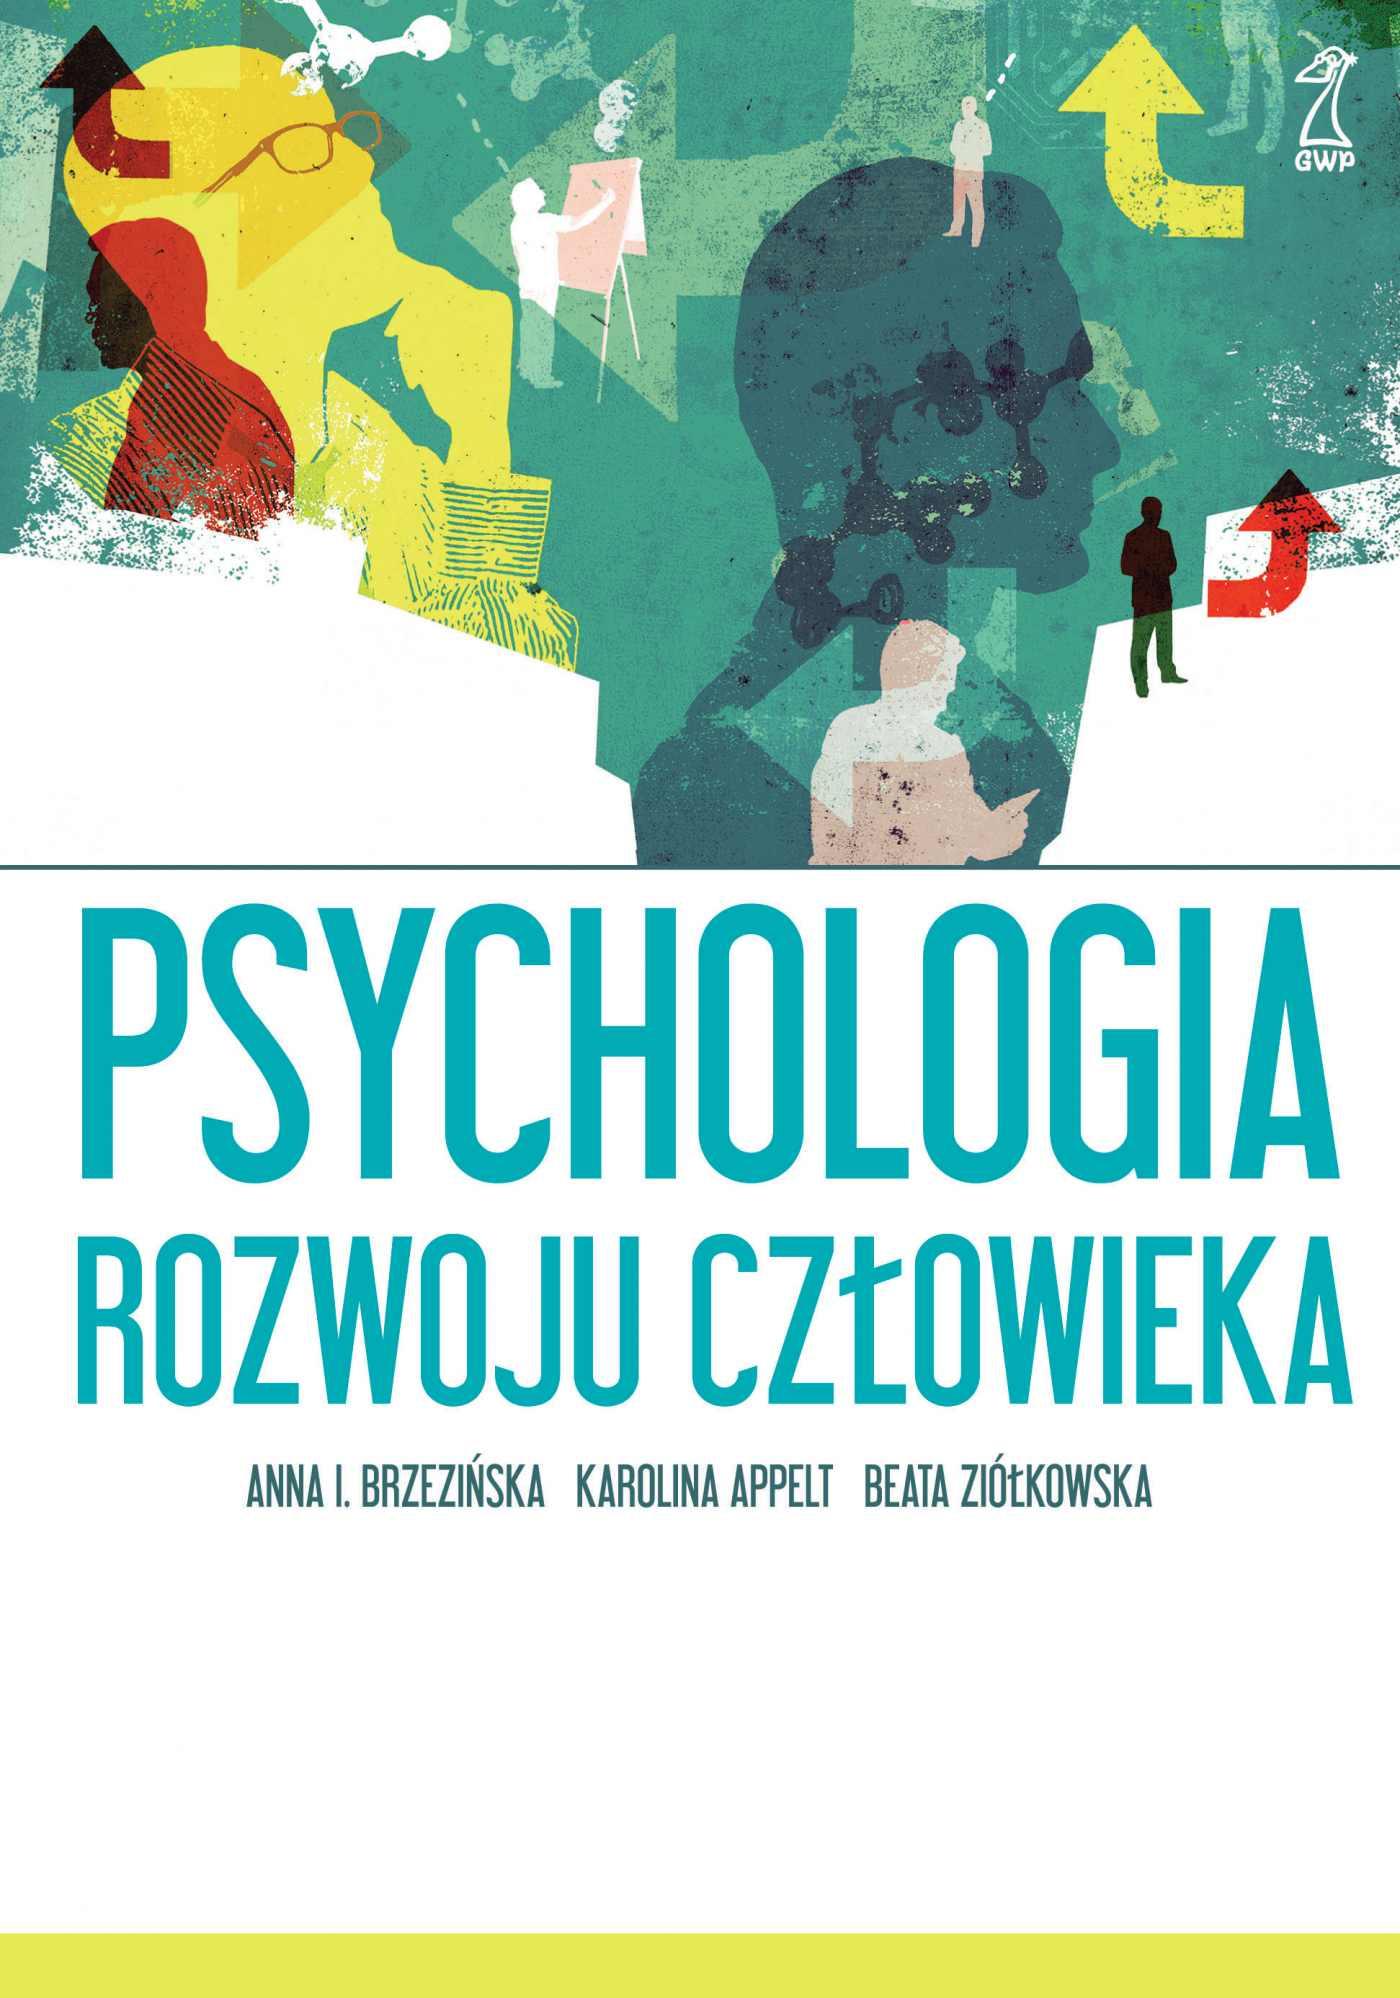 Psychologia rozwoju człowieka - Ebook (Książka na Kindle) do pobrania w formacie MOBI